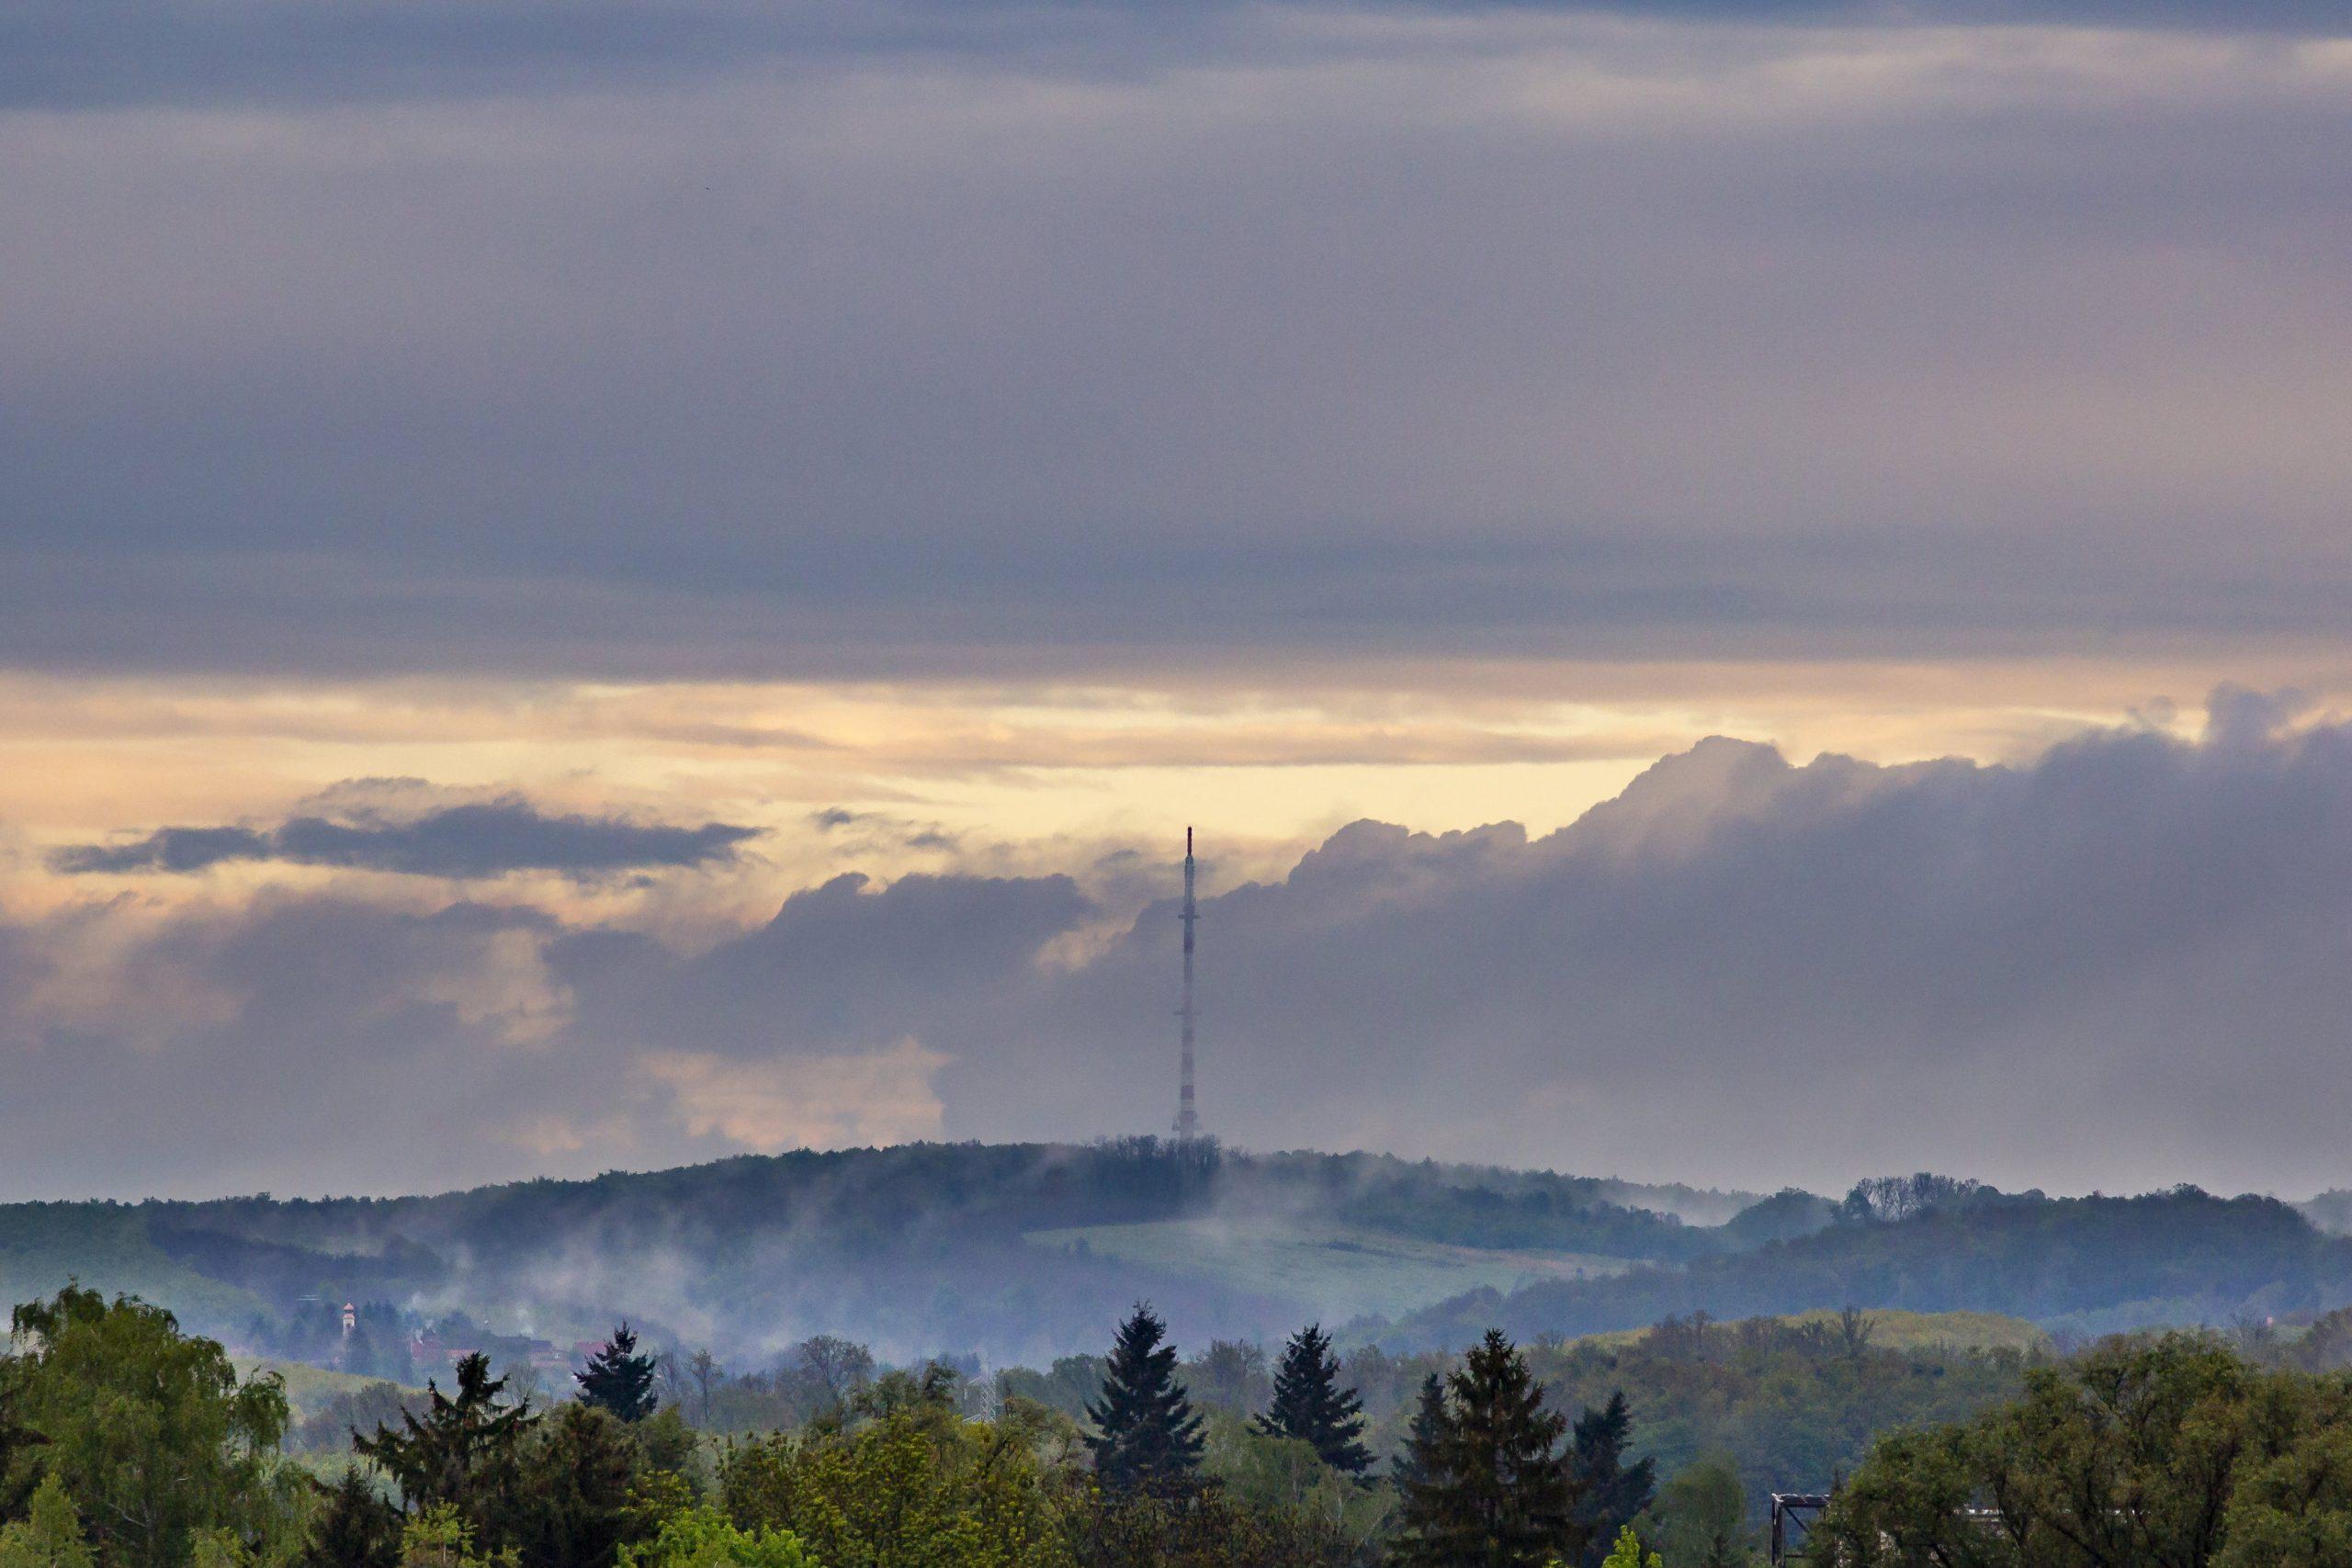 Kältester April des Jahrhunderts in Ungarn